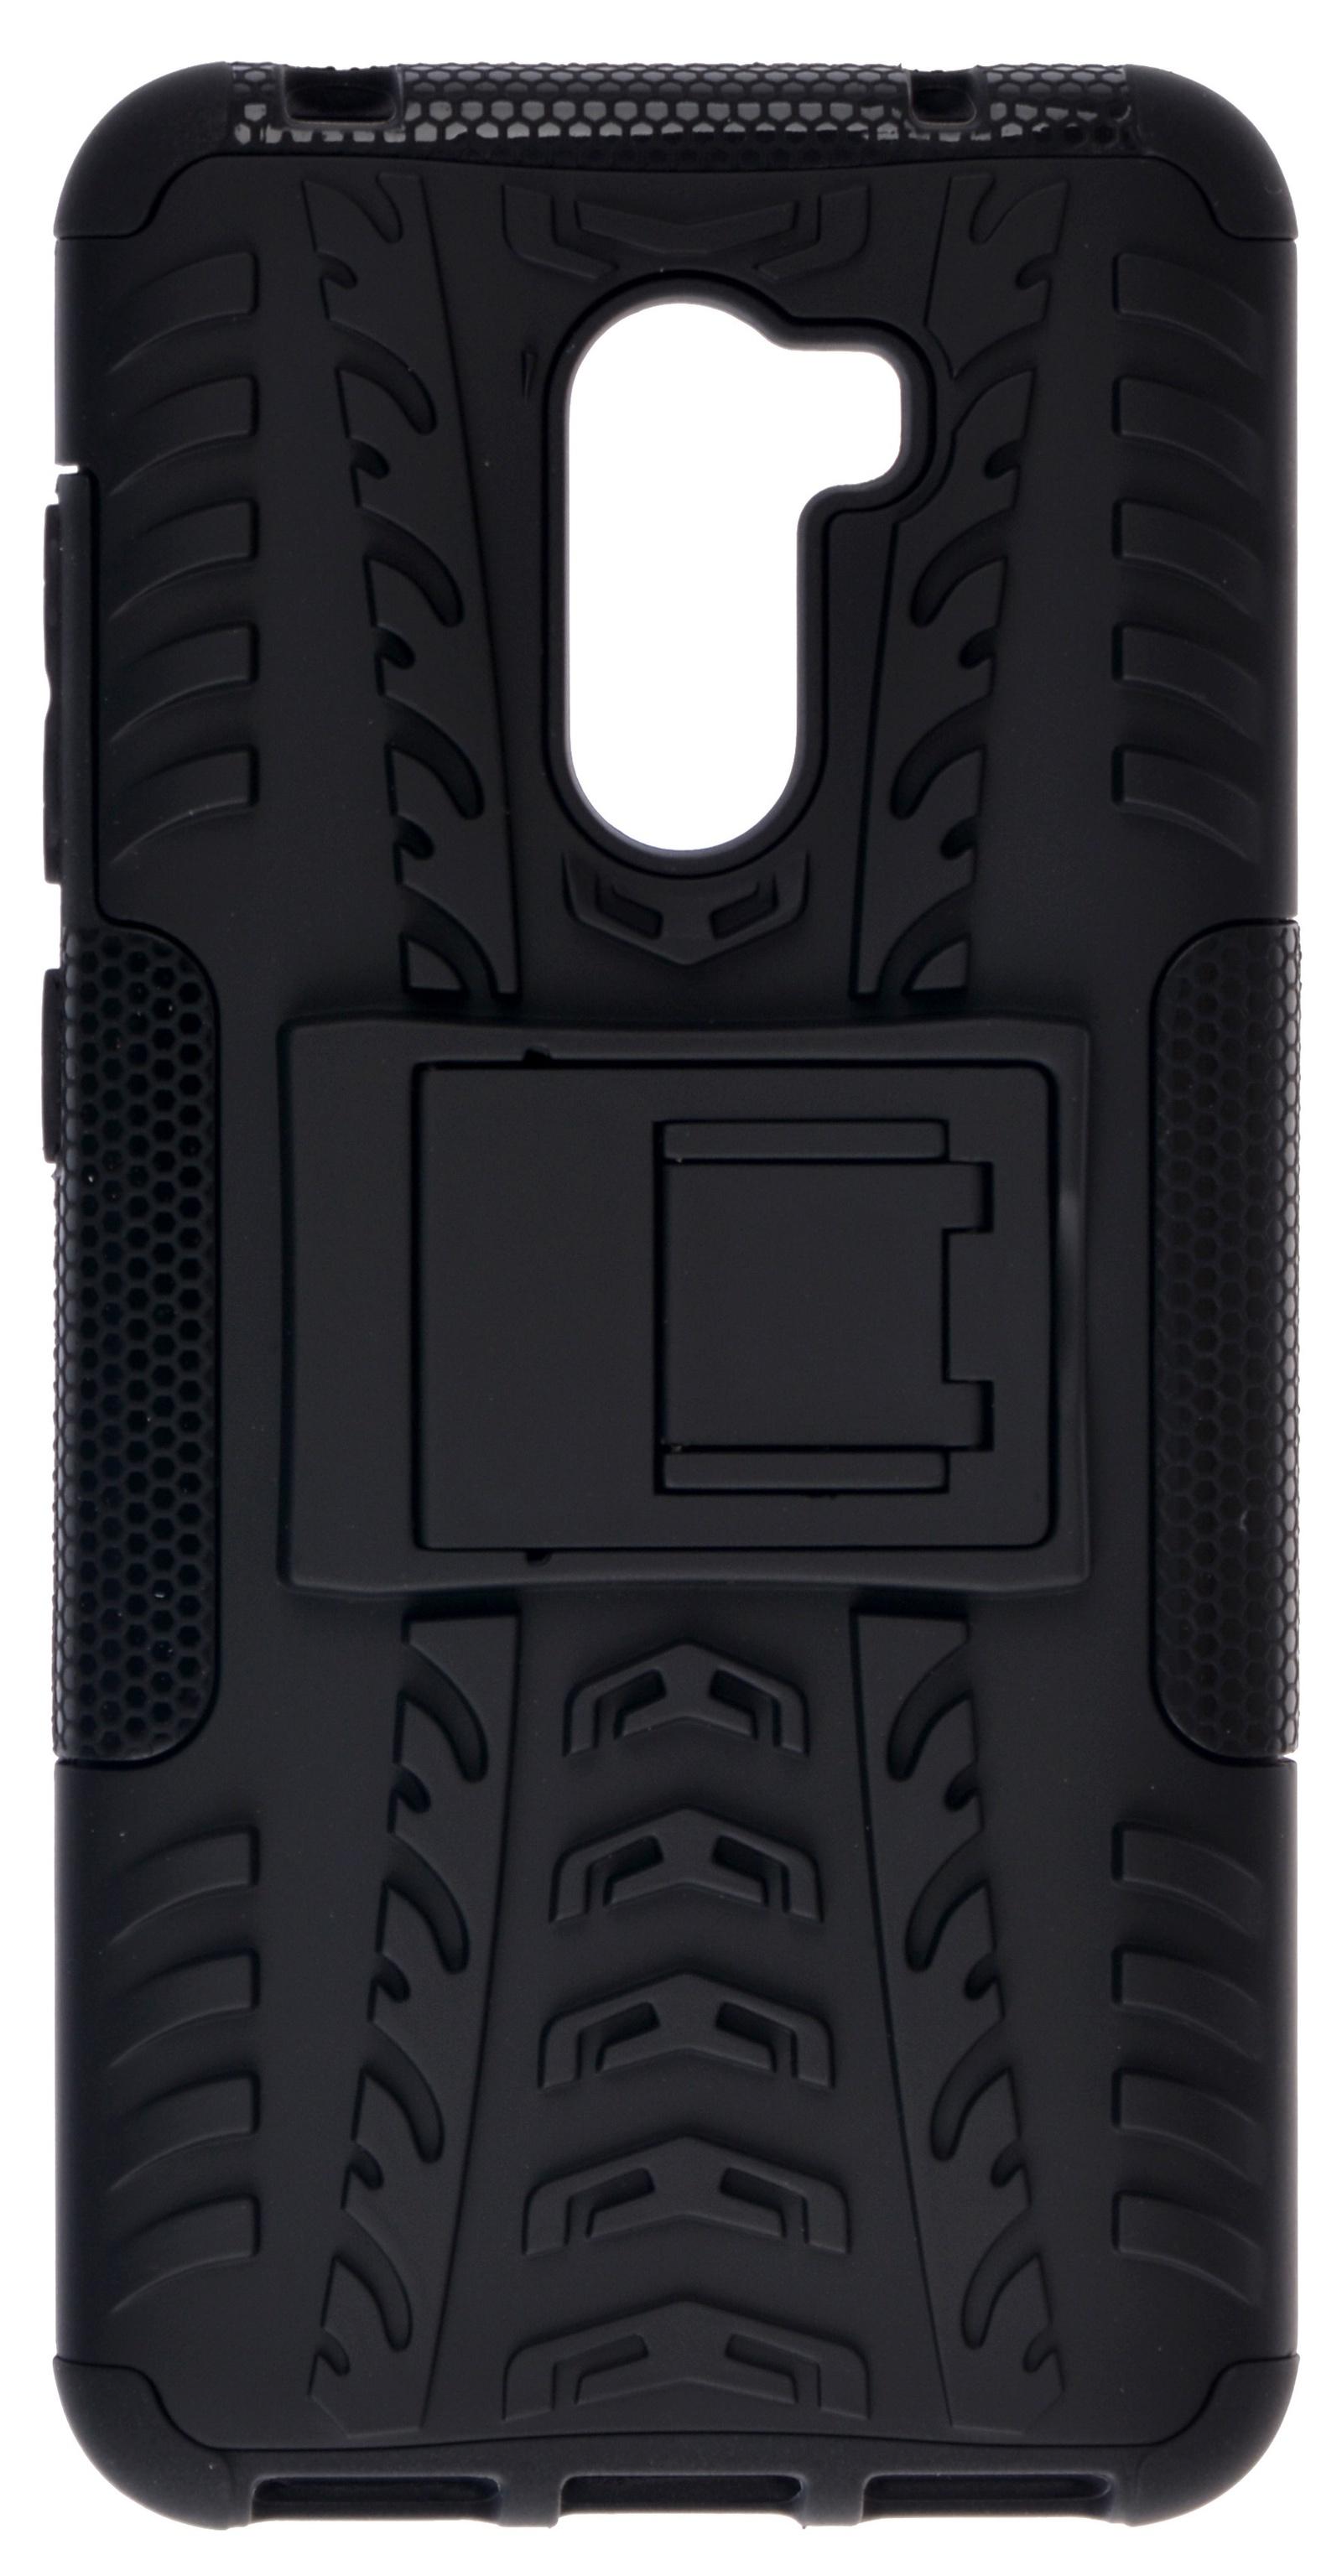 Накладка Skinbox Defender для Pocophone F1/Poco F1, 4630042521414, черный